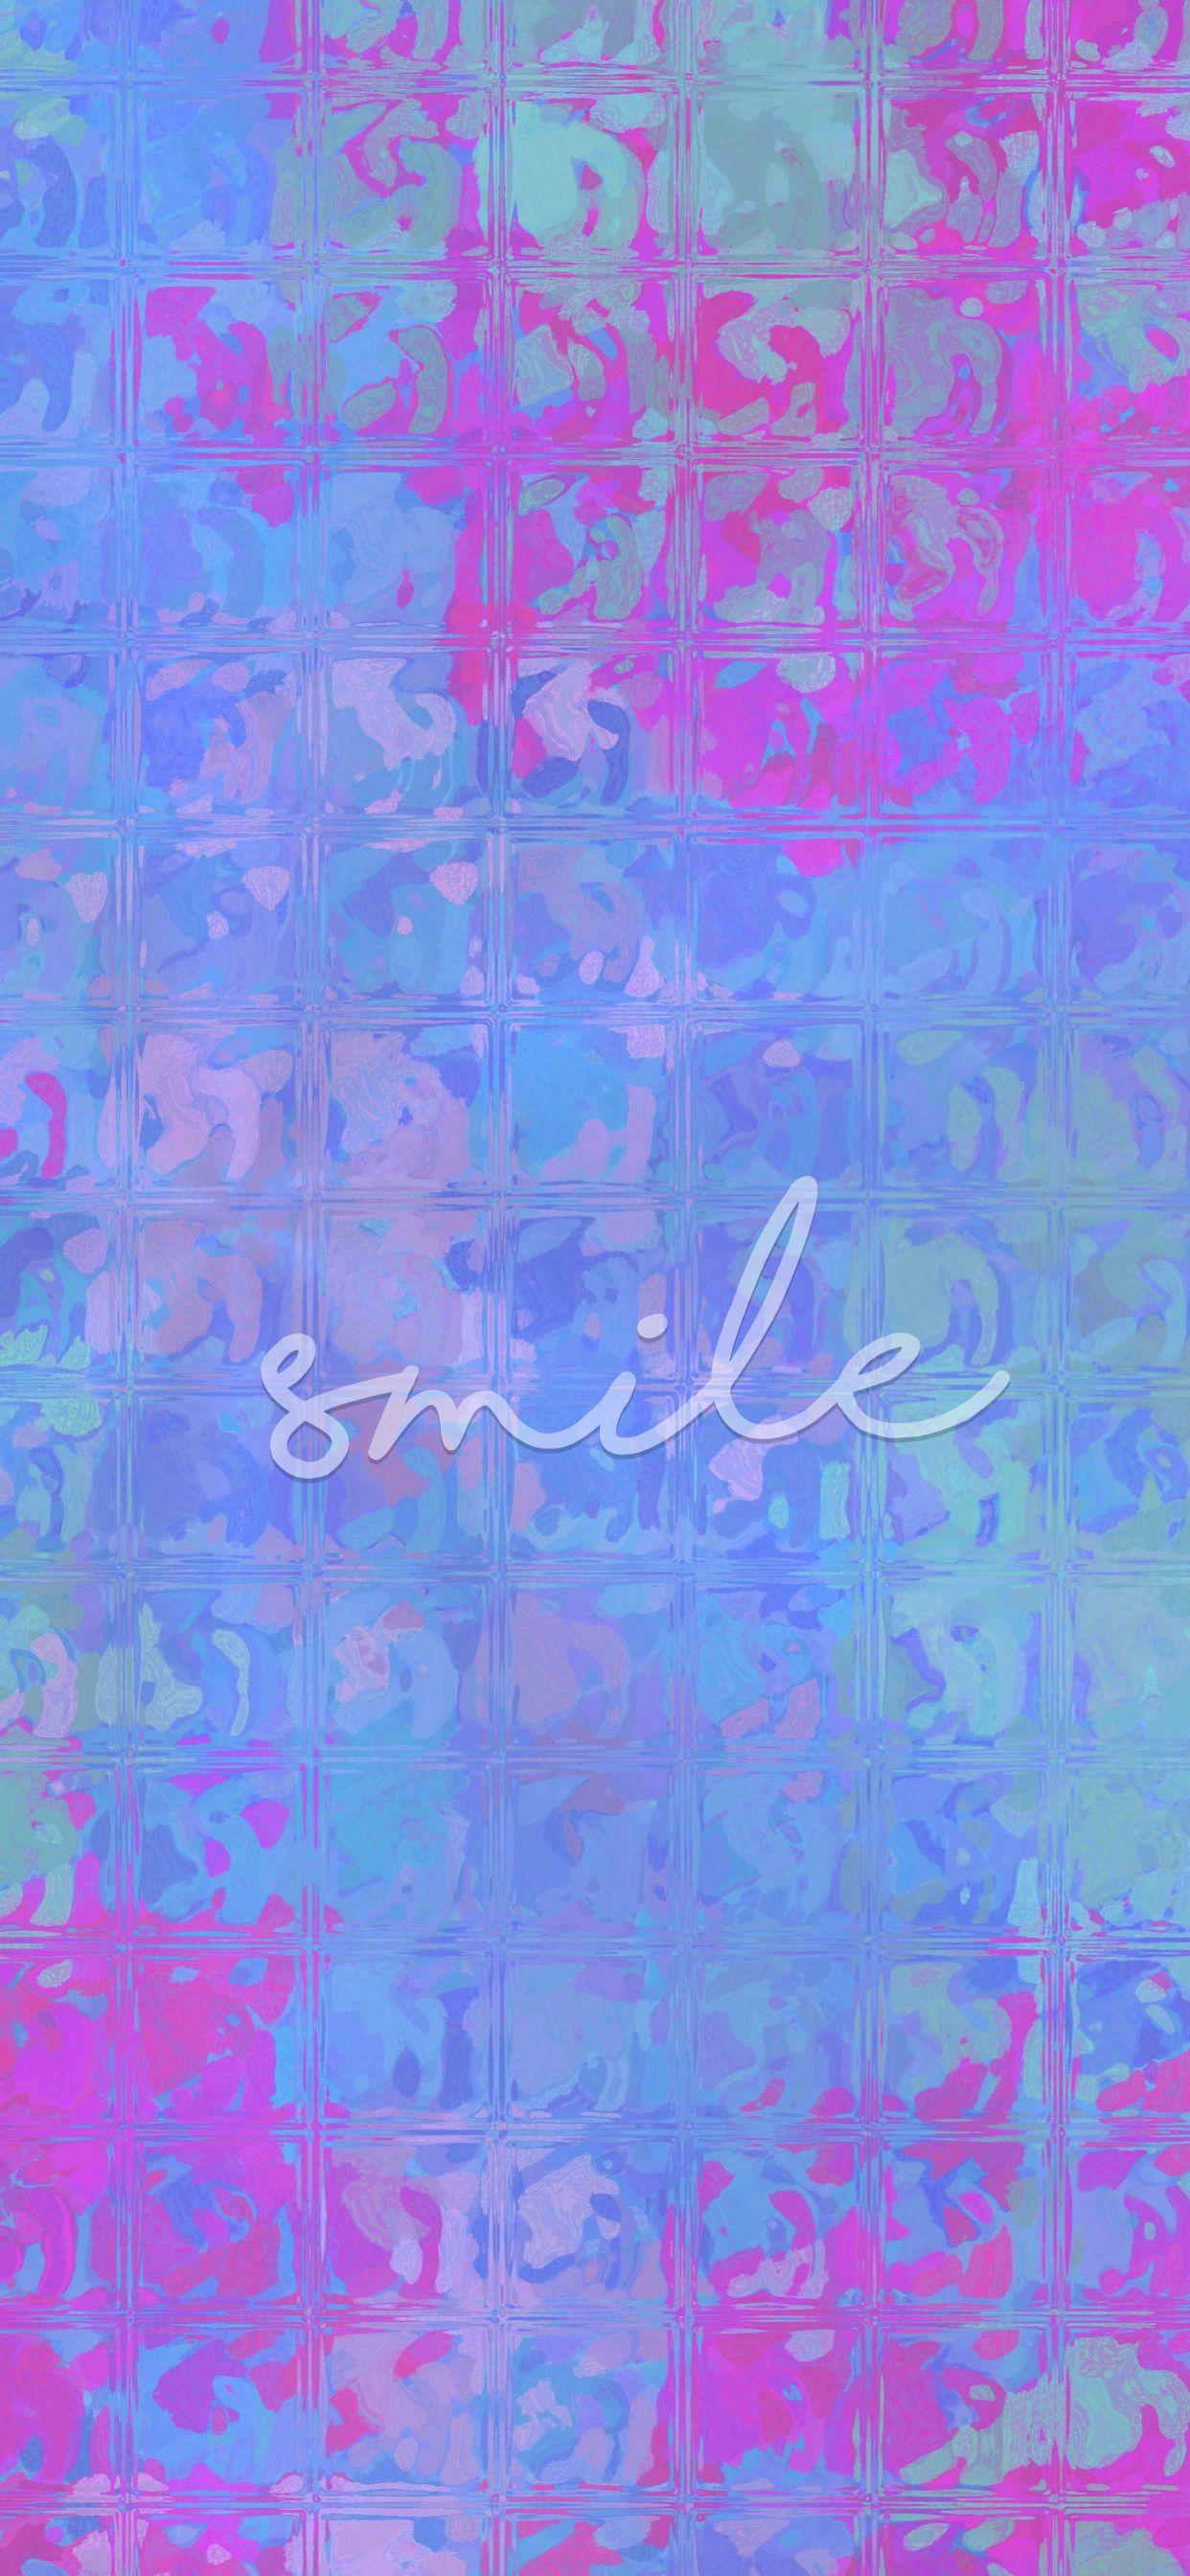 Smile Wallpaper Ipad Wallpaper Watercolor New Wallpaper Iphone Wallpaper Iphone Love